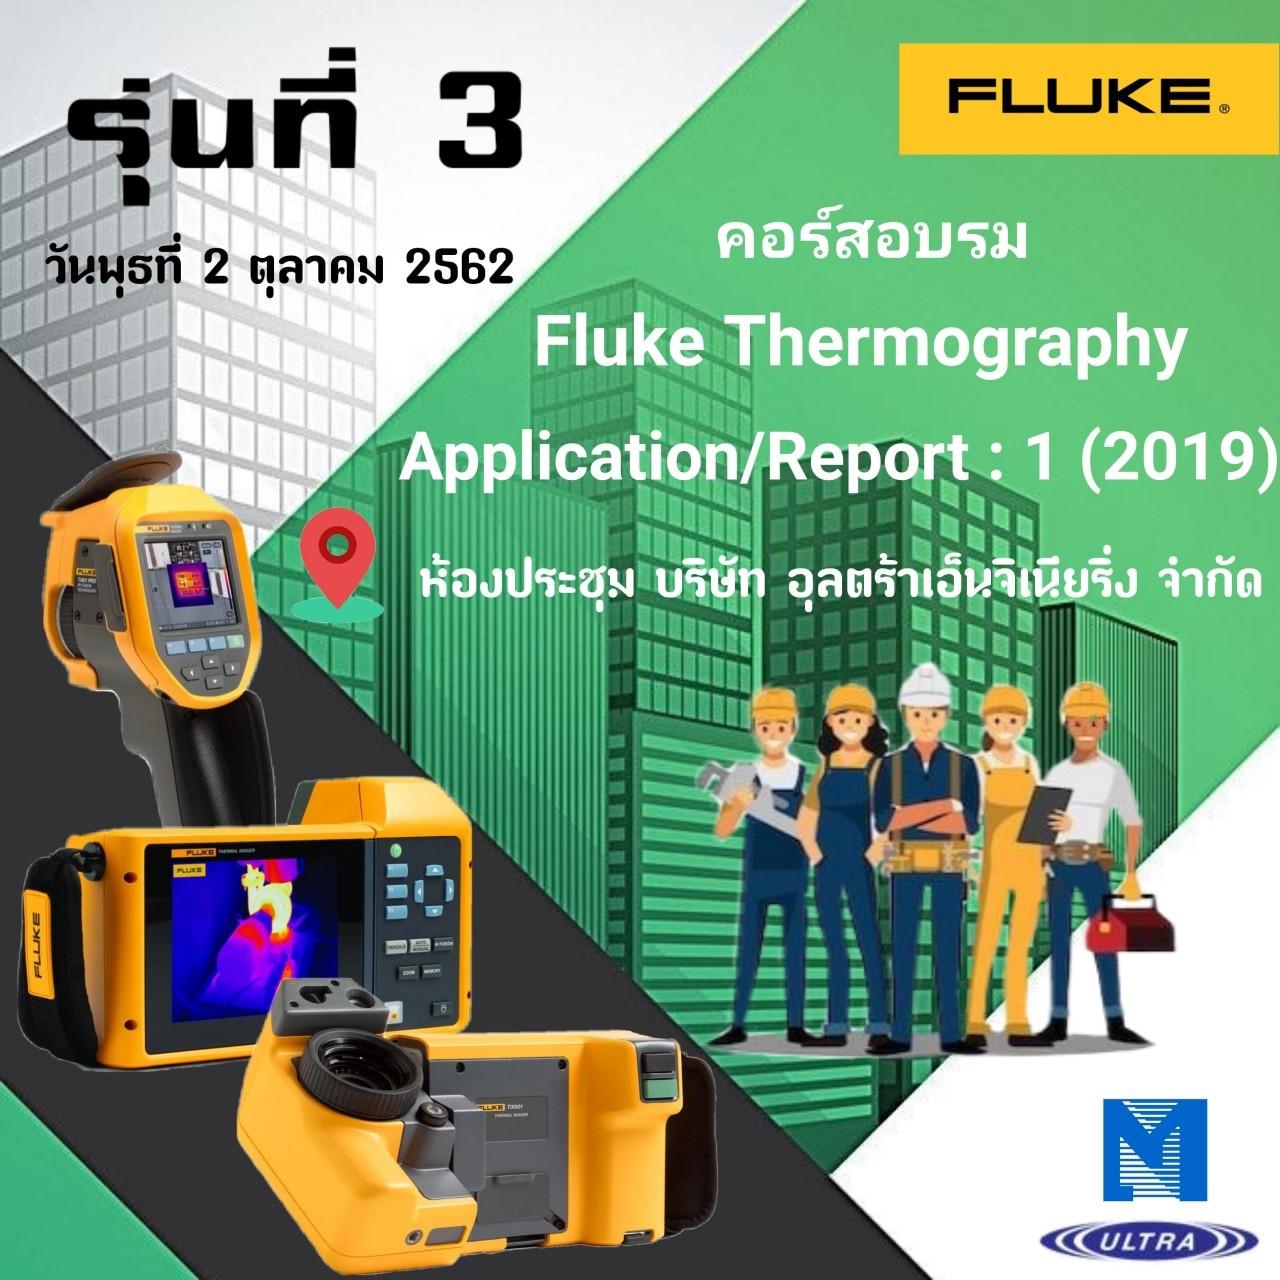 ประมวลภาพรุ่นที่ 3 สัมมนาเชิงปฏิบัติการเรื่อง Fluke Thermography Application Report 1